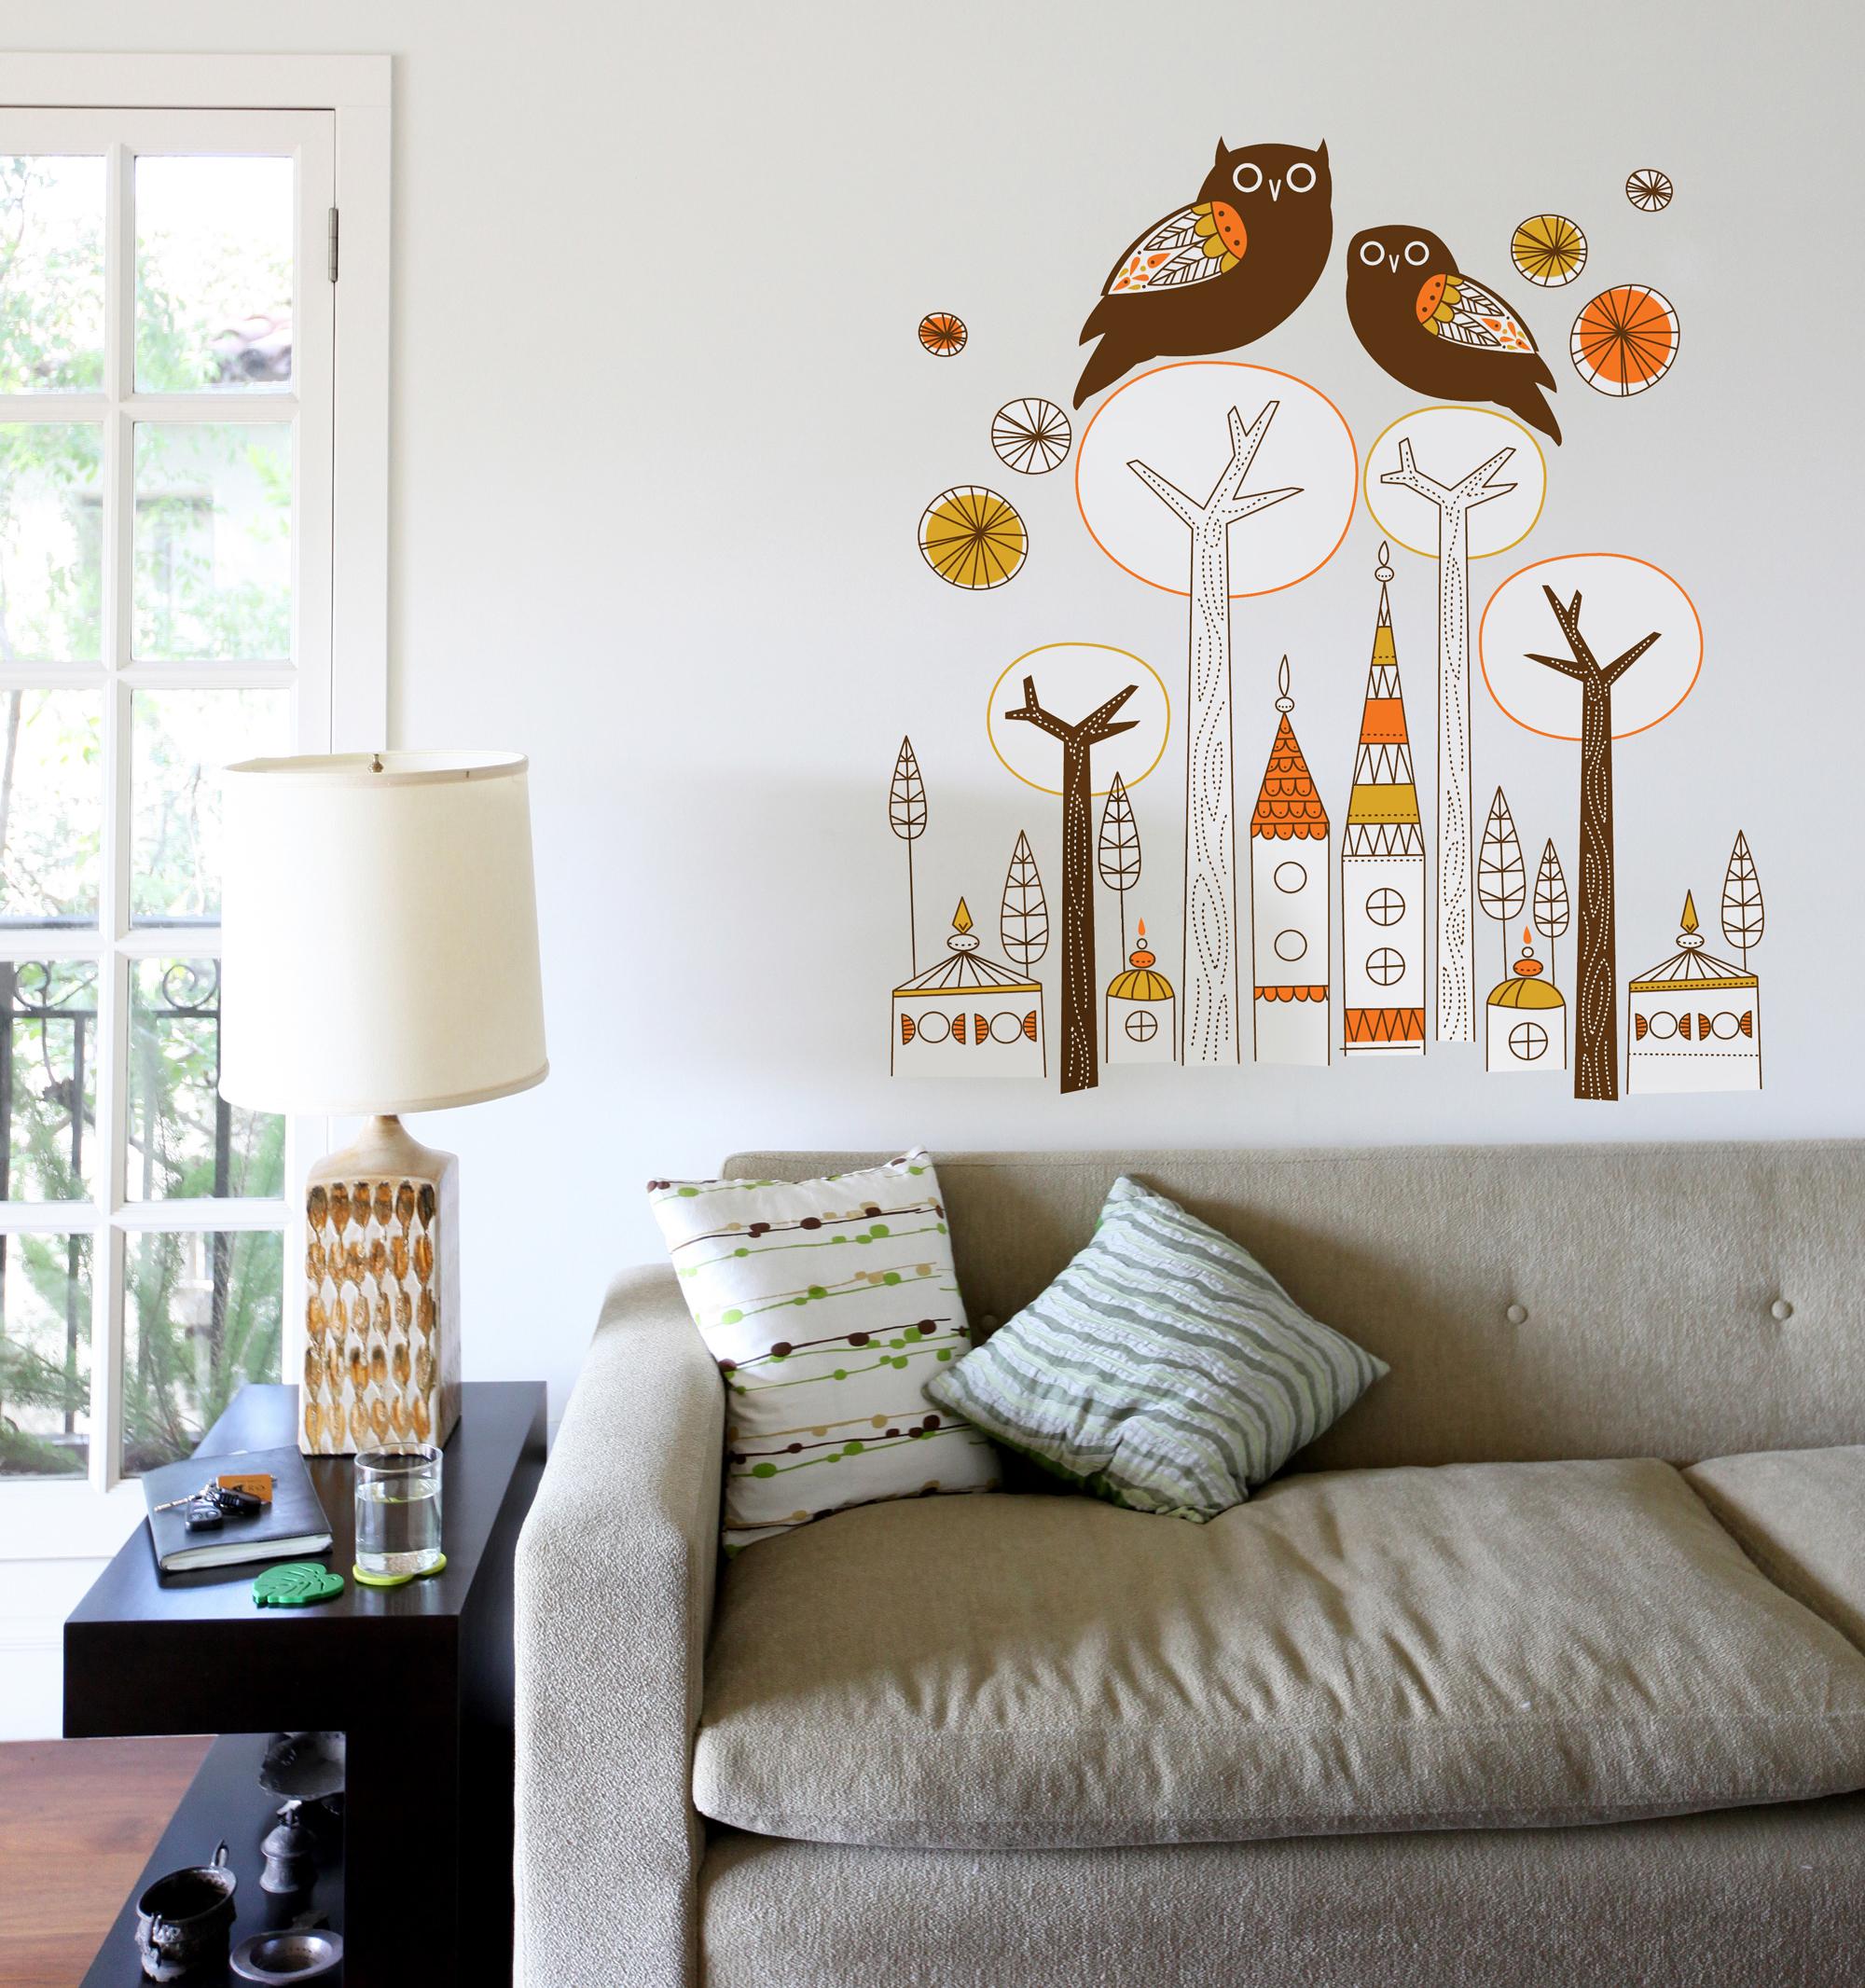 an art mural